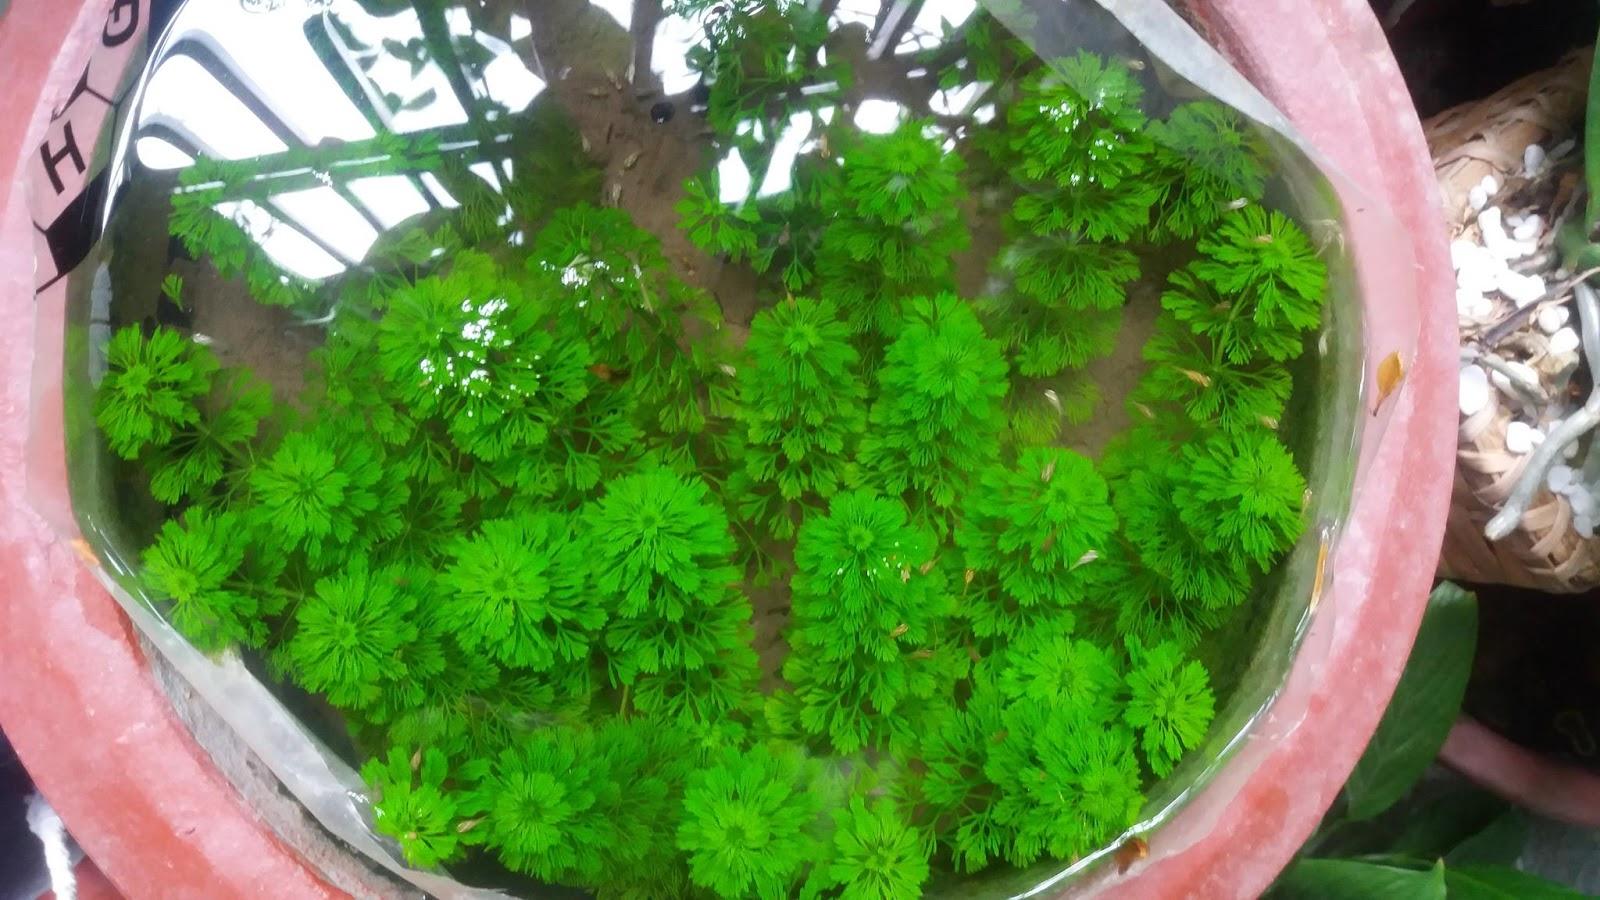 Cây thủy sinh tiểu bảo tháp trồng trong chậu ngoài trời của bạn Hồ Duy Khang